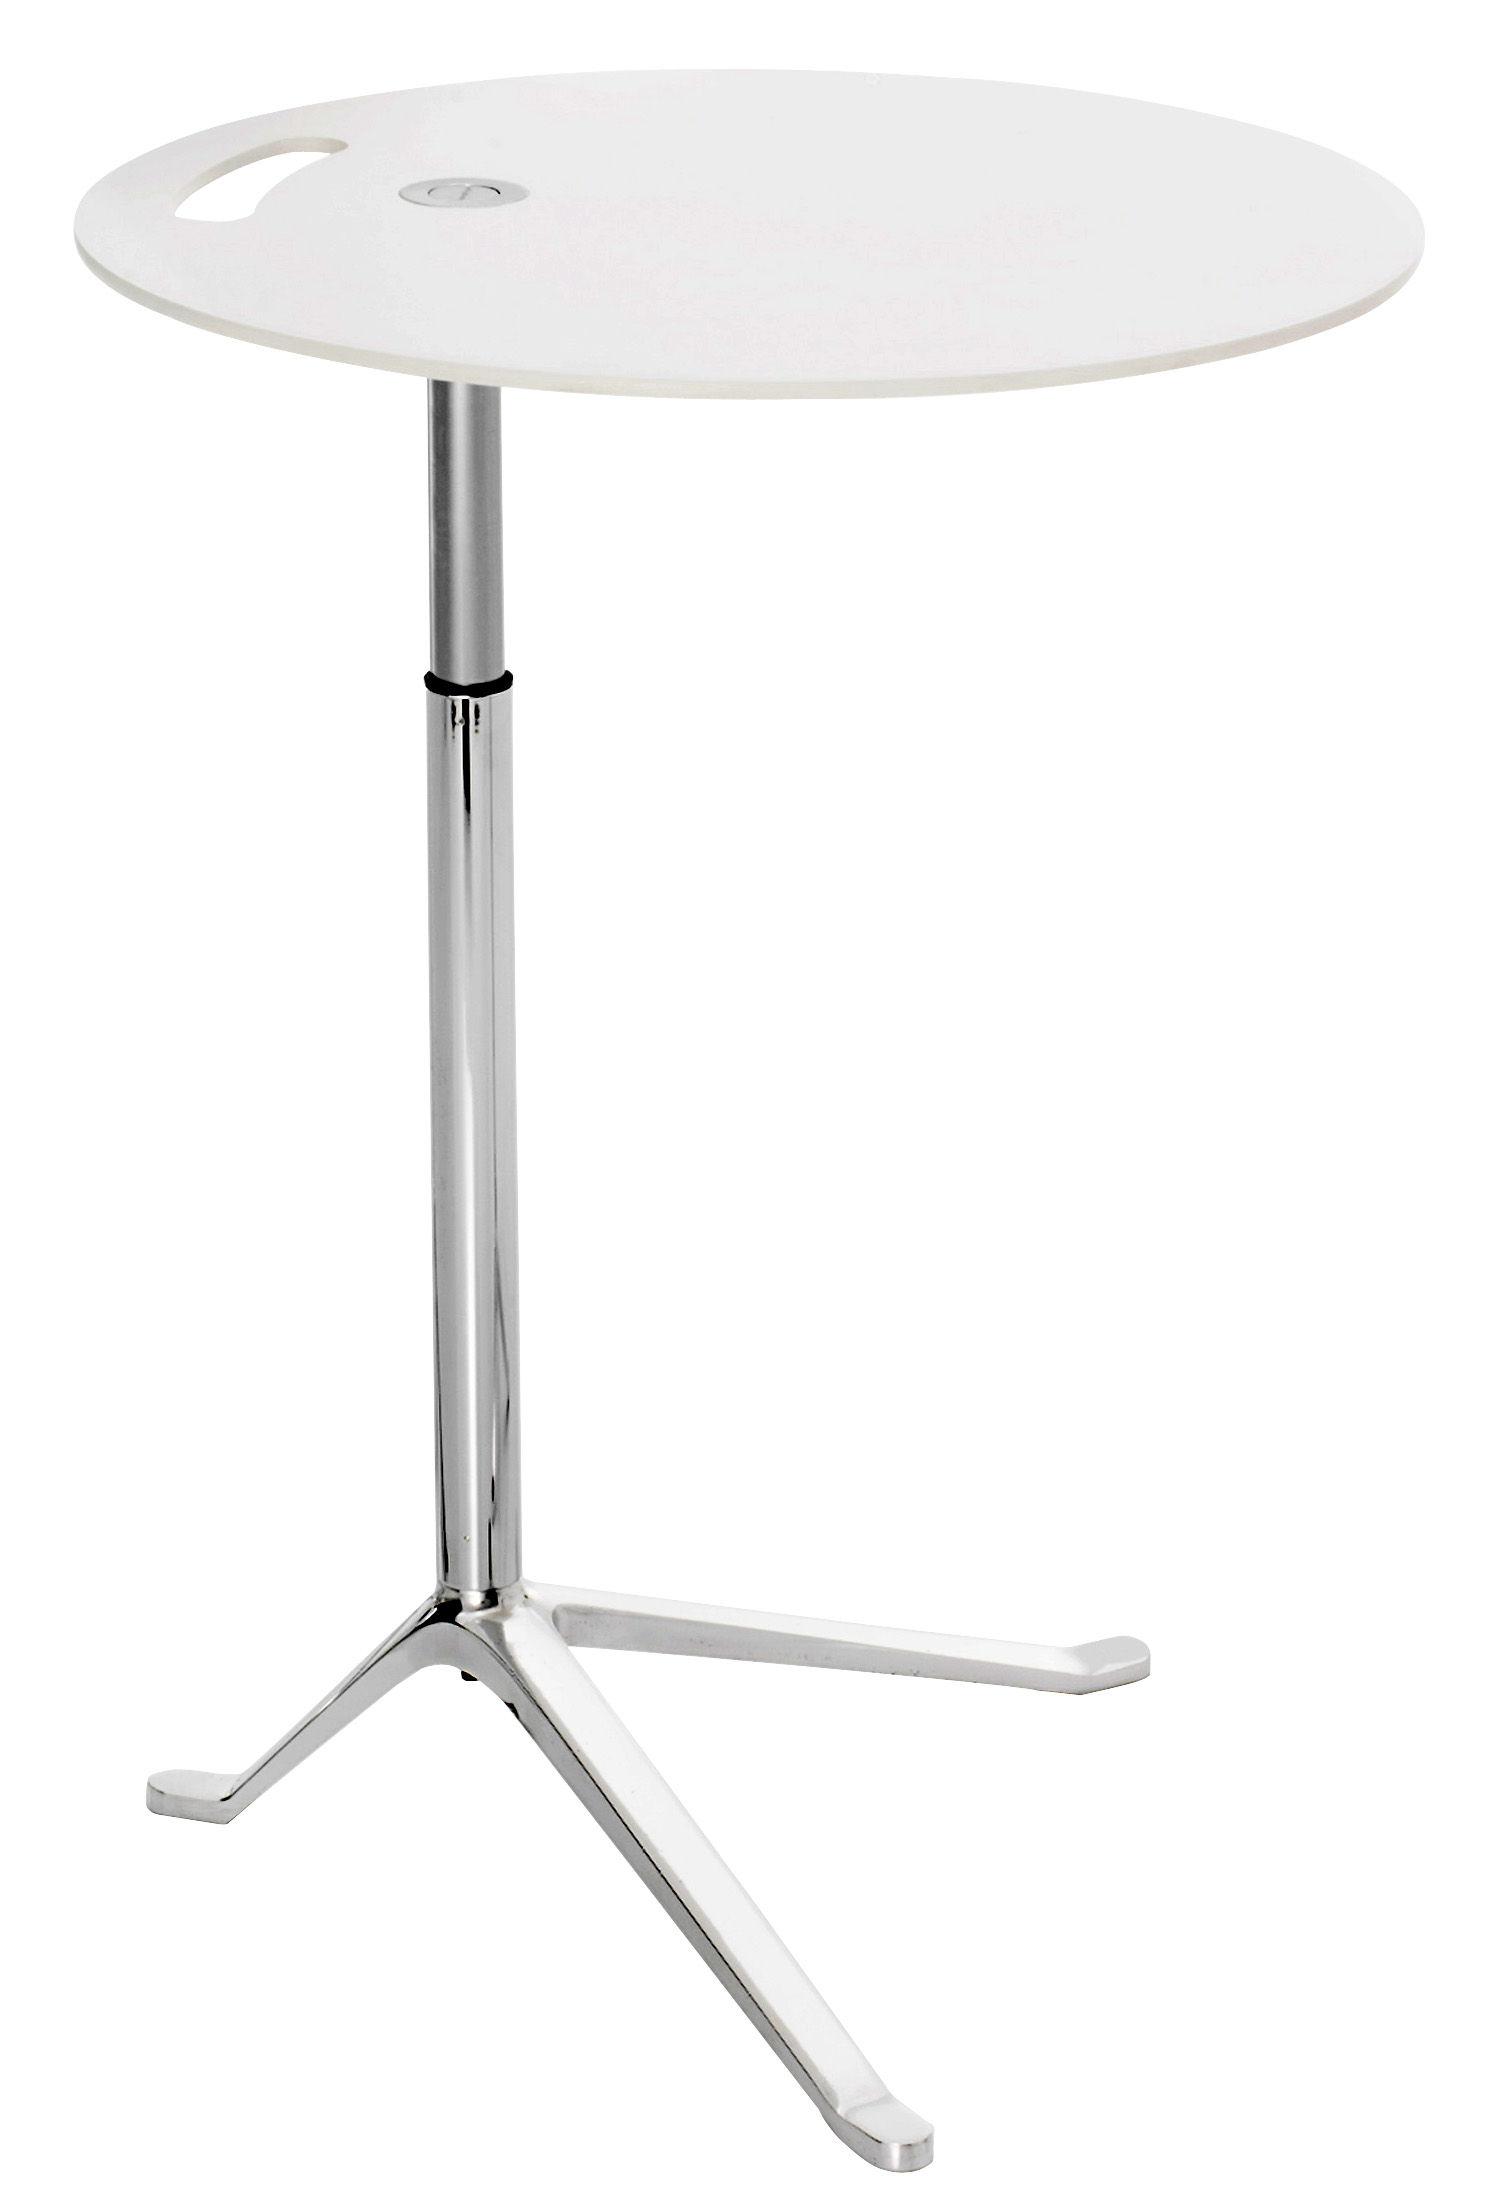 Möbel - Couchtische - Little Friend Beistelltisch höhenverstellbar - H 50 / 73 cm x Ø 45 cm - Fritz Hansen - Weiß - Laminat, poliertes Aluminium